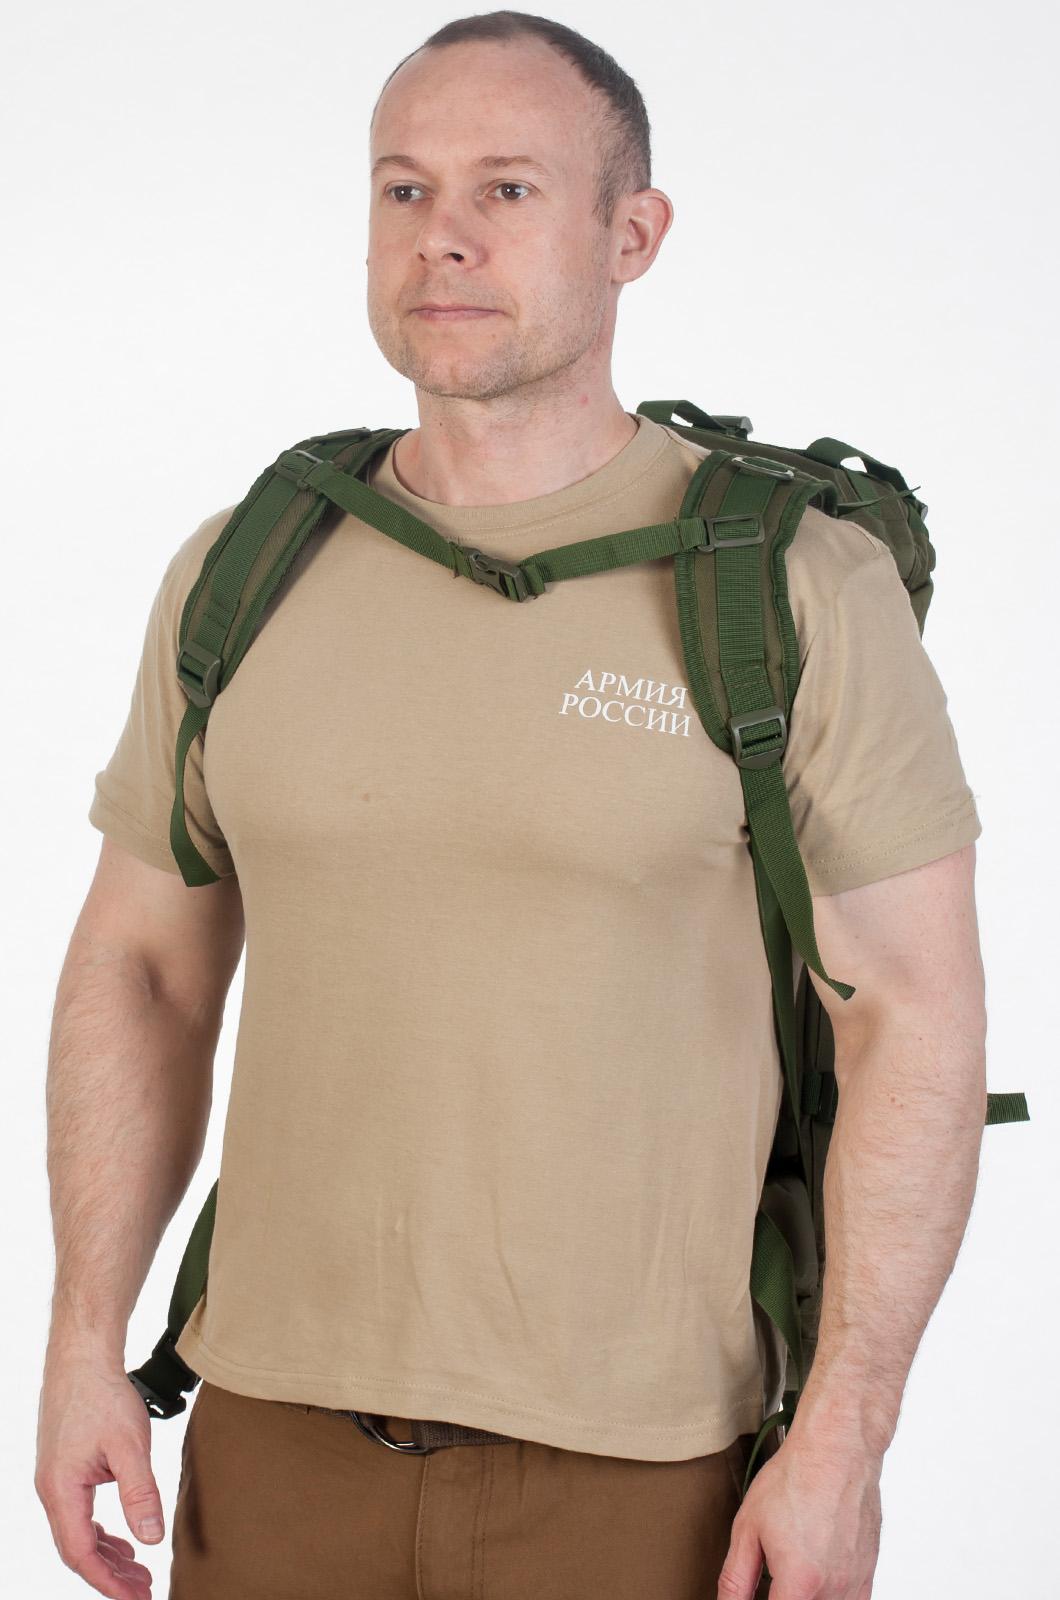 Мужской рейдовый рюкзак с нашивкой ВМФ - купить с доставкой